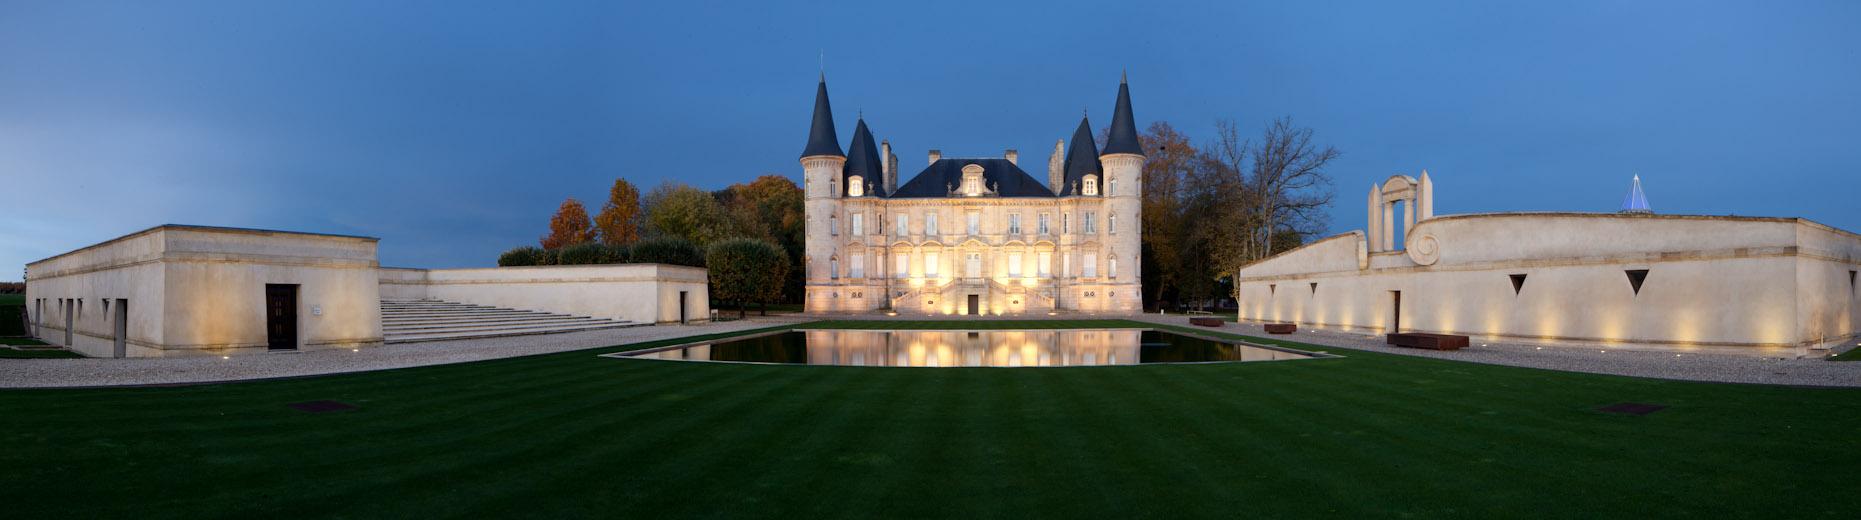 Chateau-Pichon-Baron-2